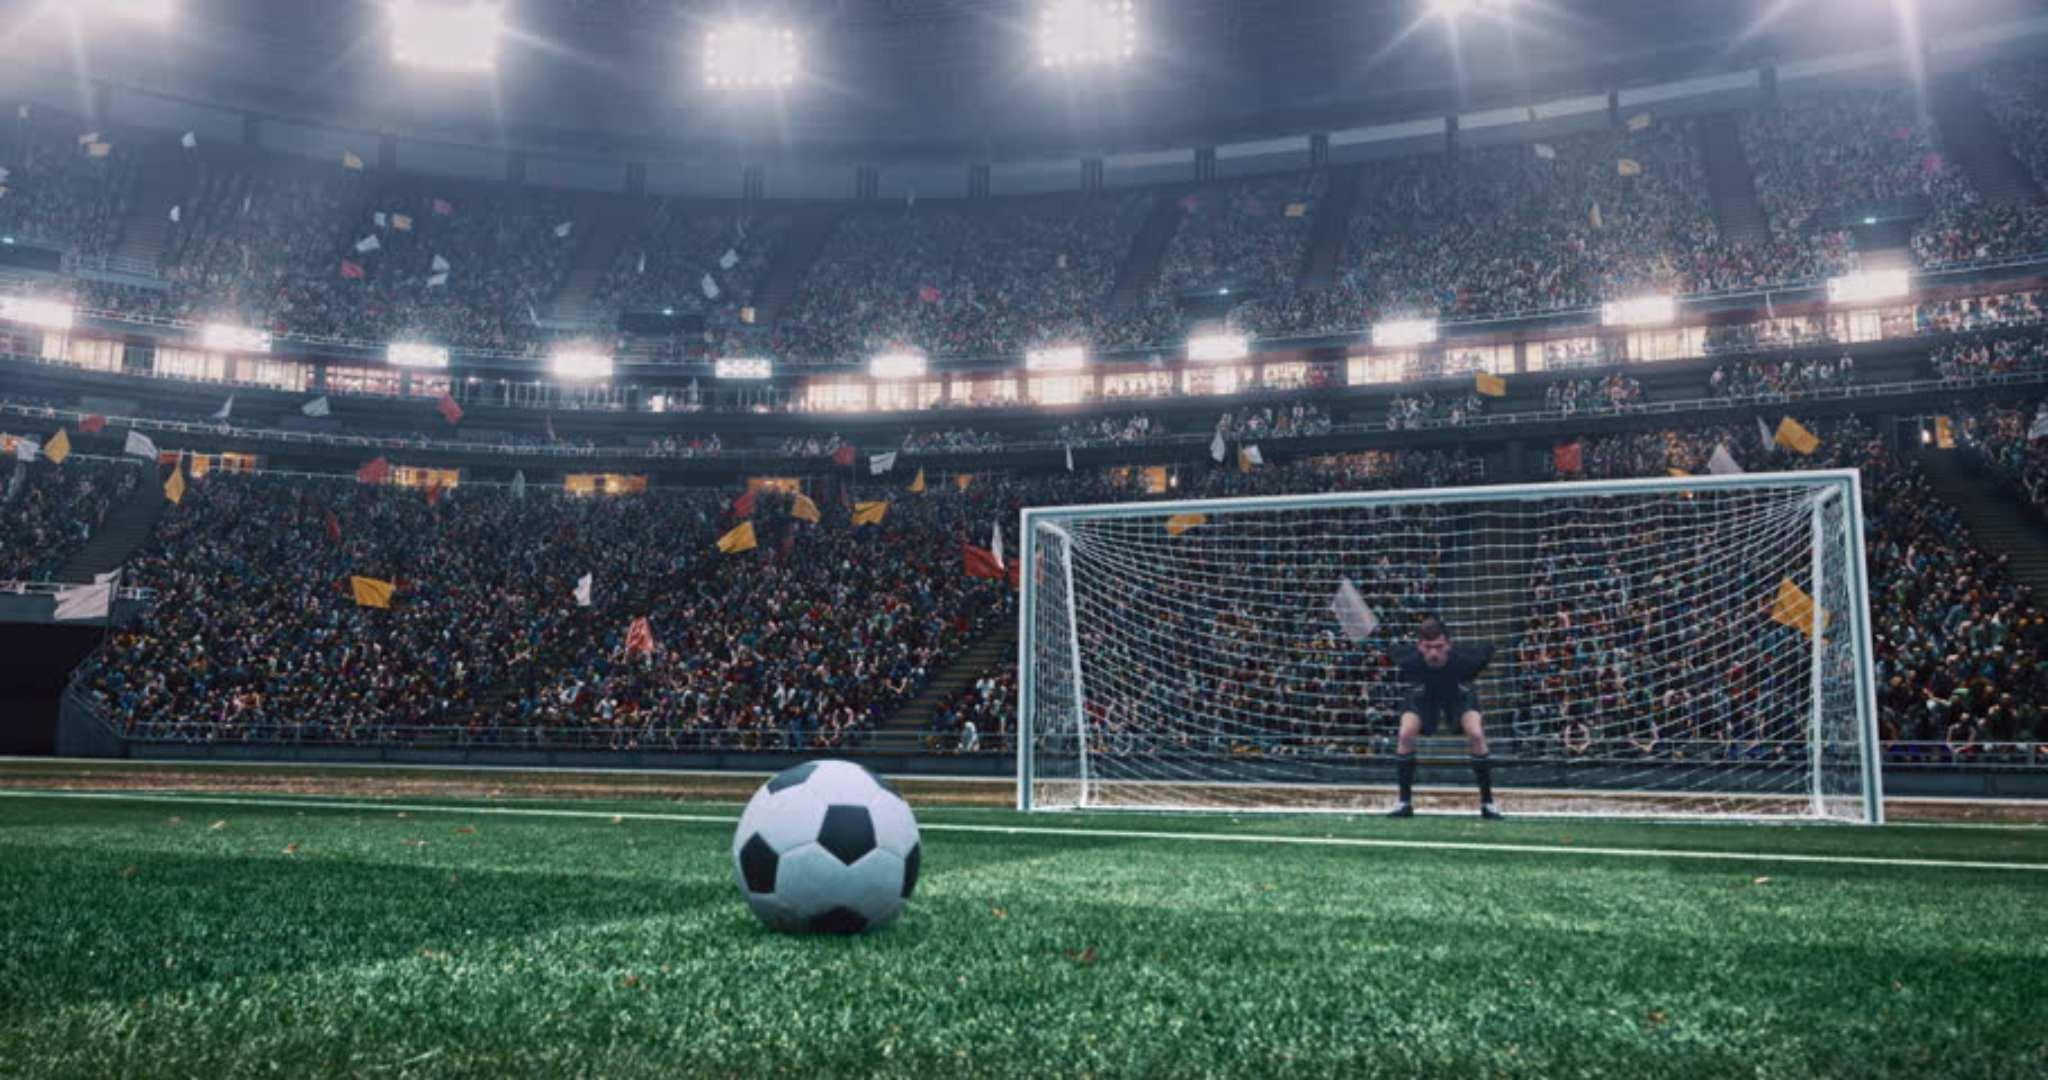 qual è stato il gol più veloce della storia